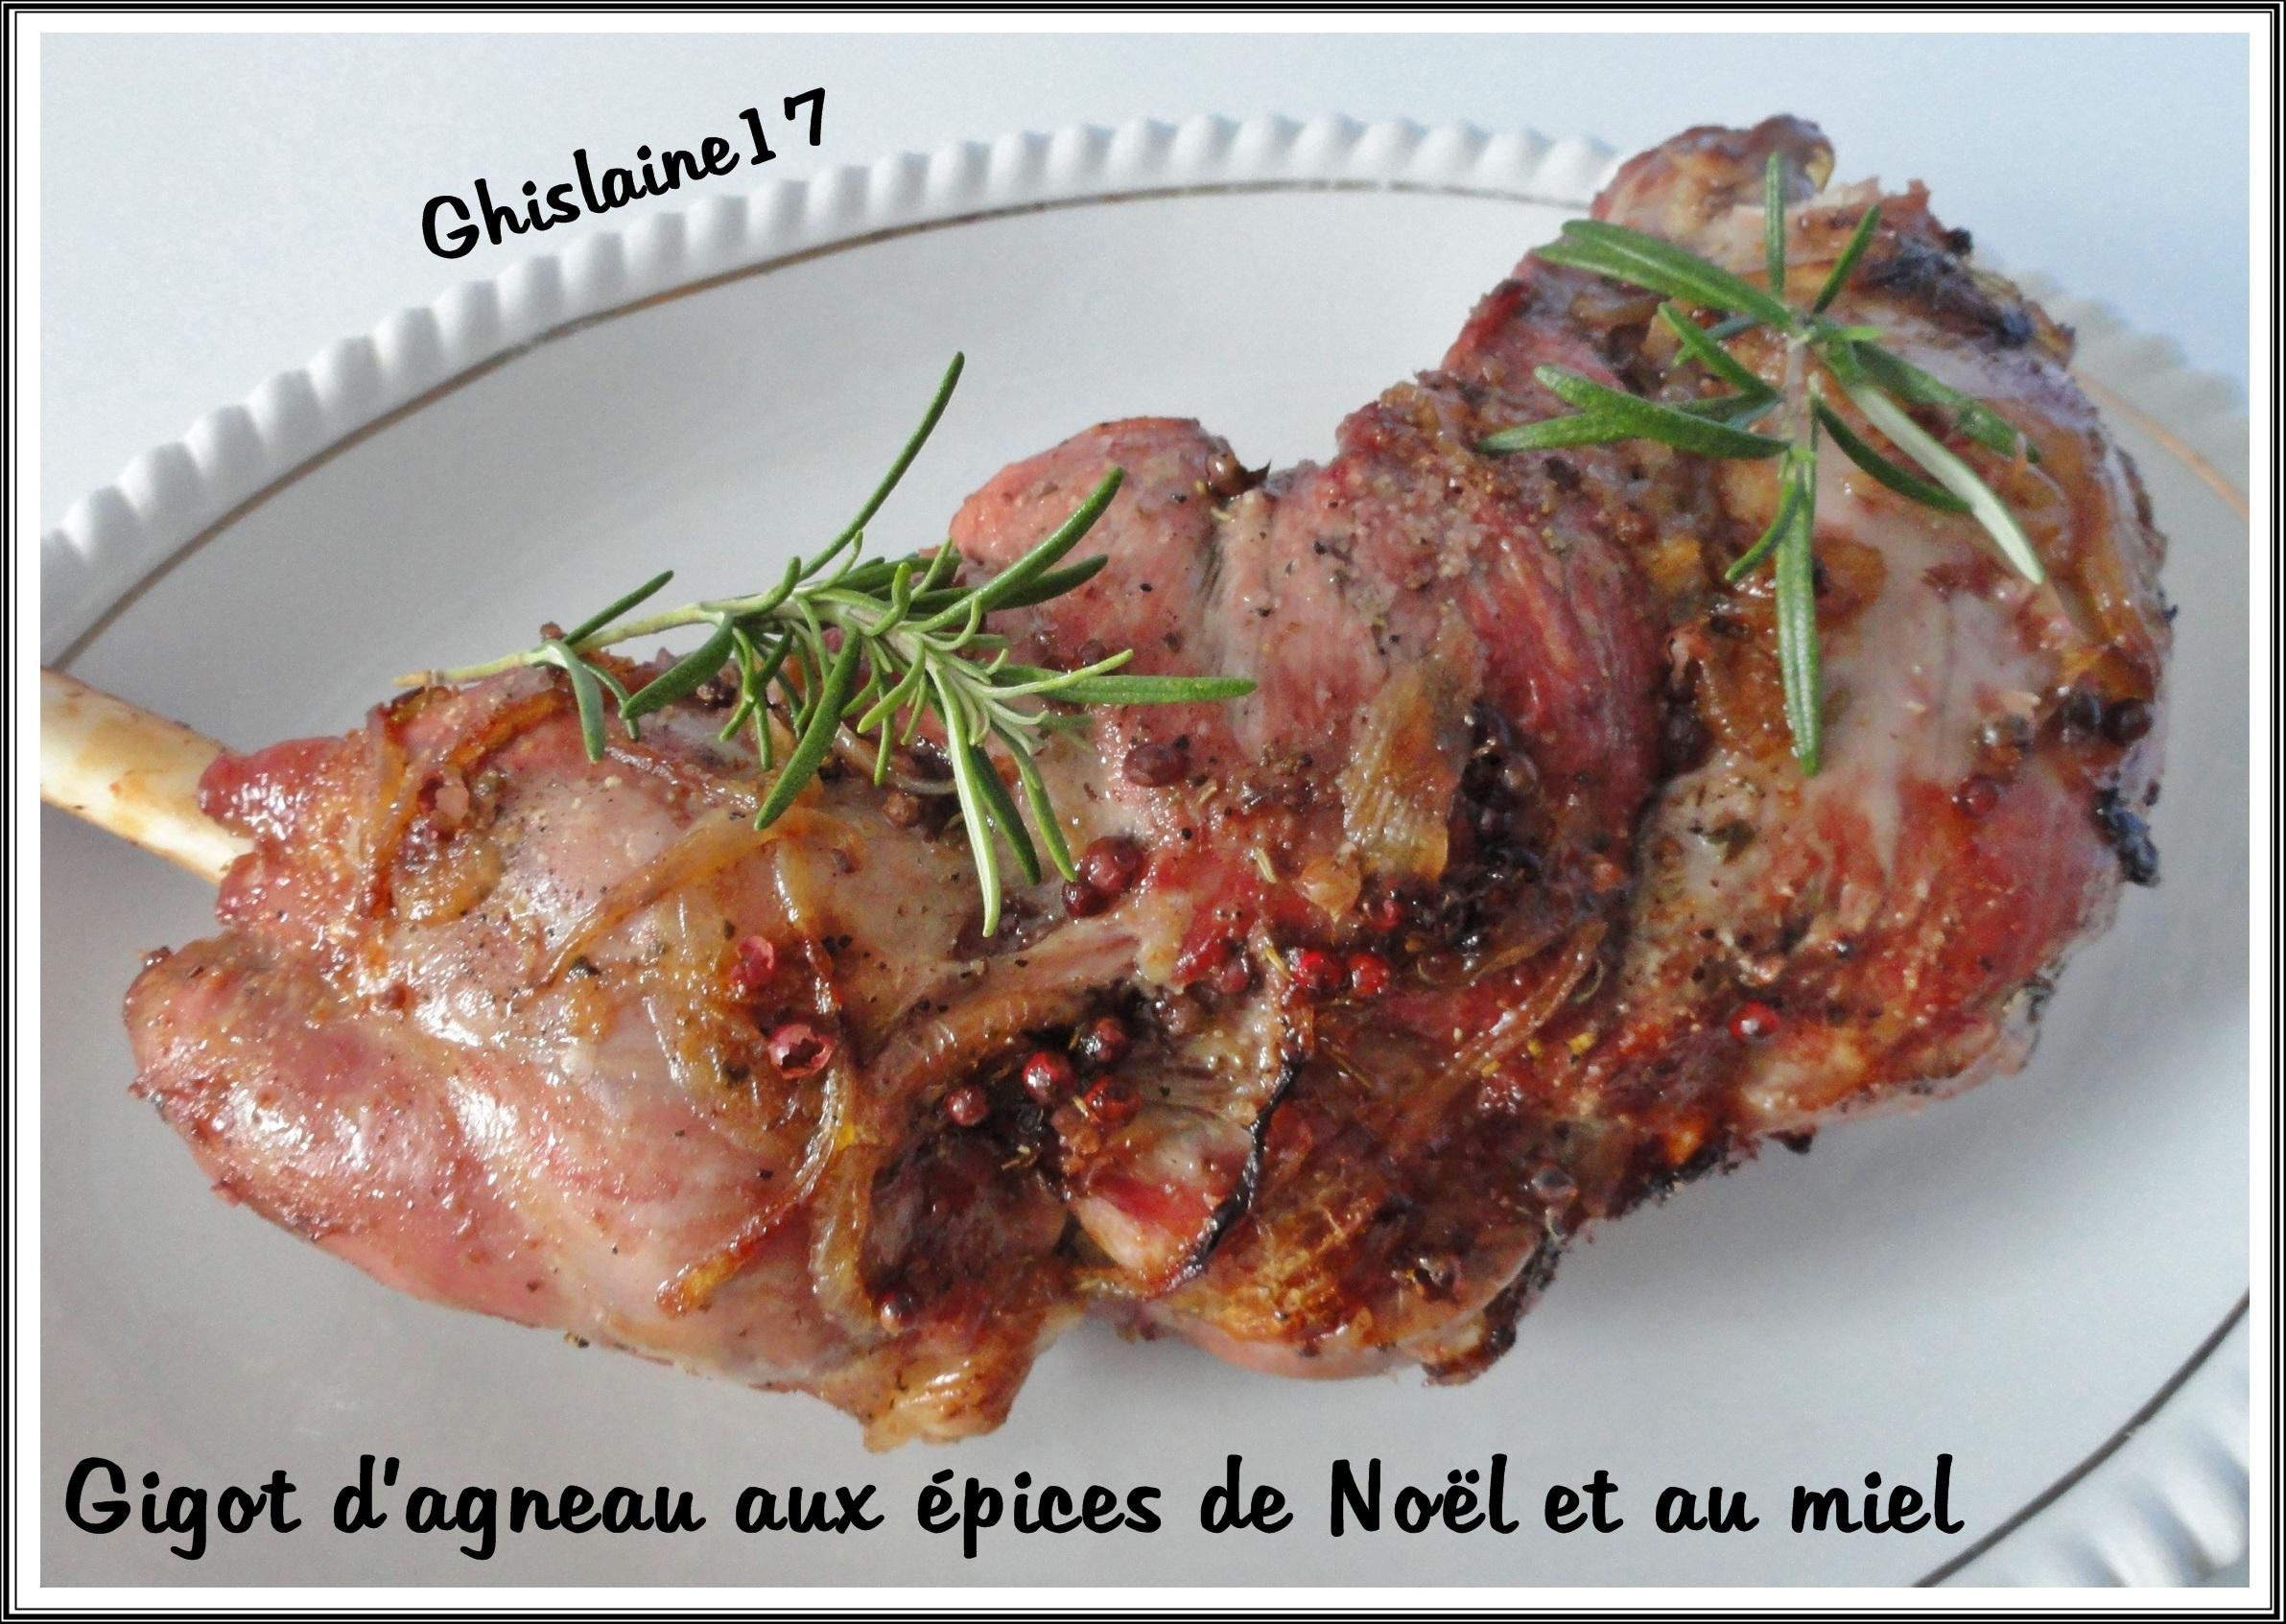 Gigot d'agneau aux épices de Noël et au miel